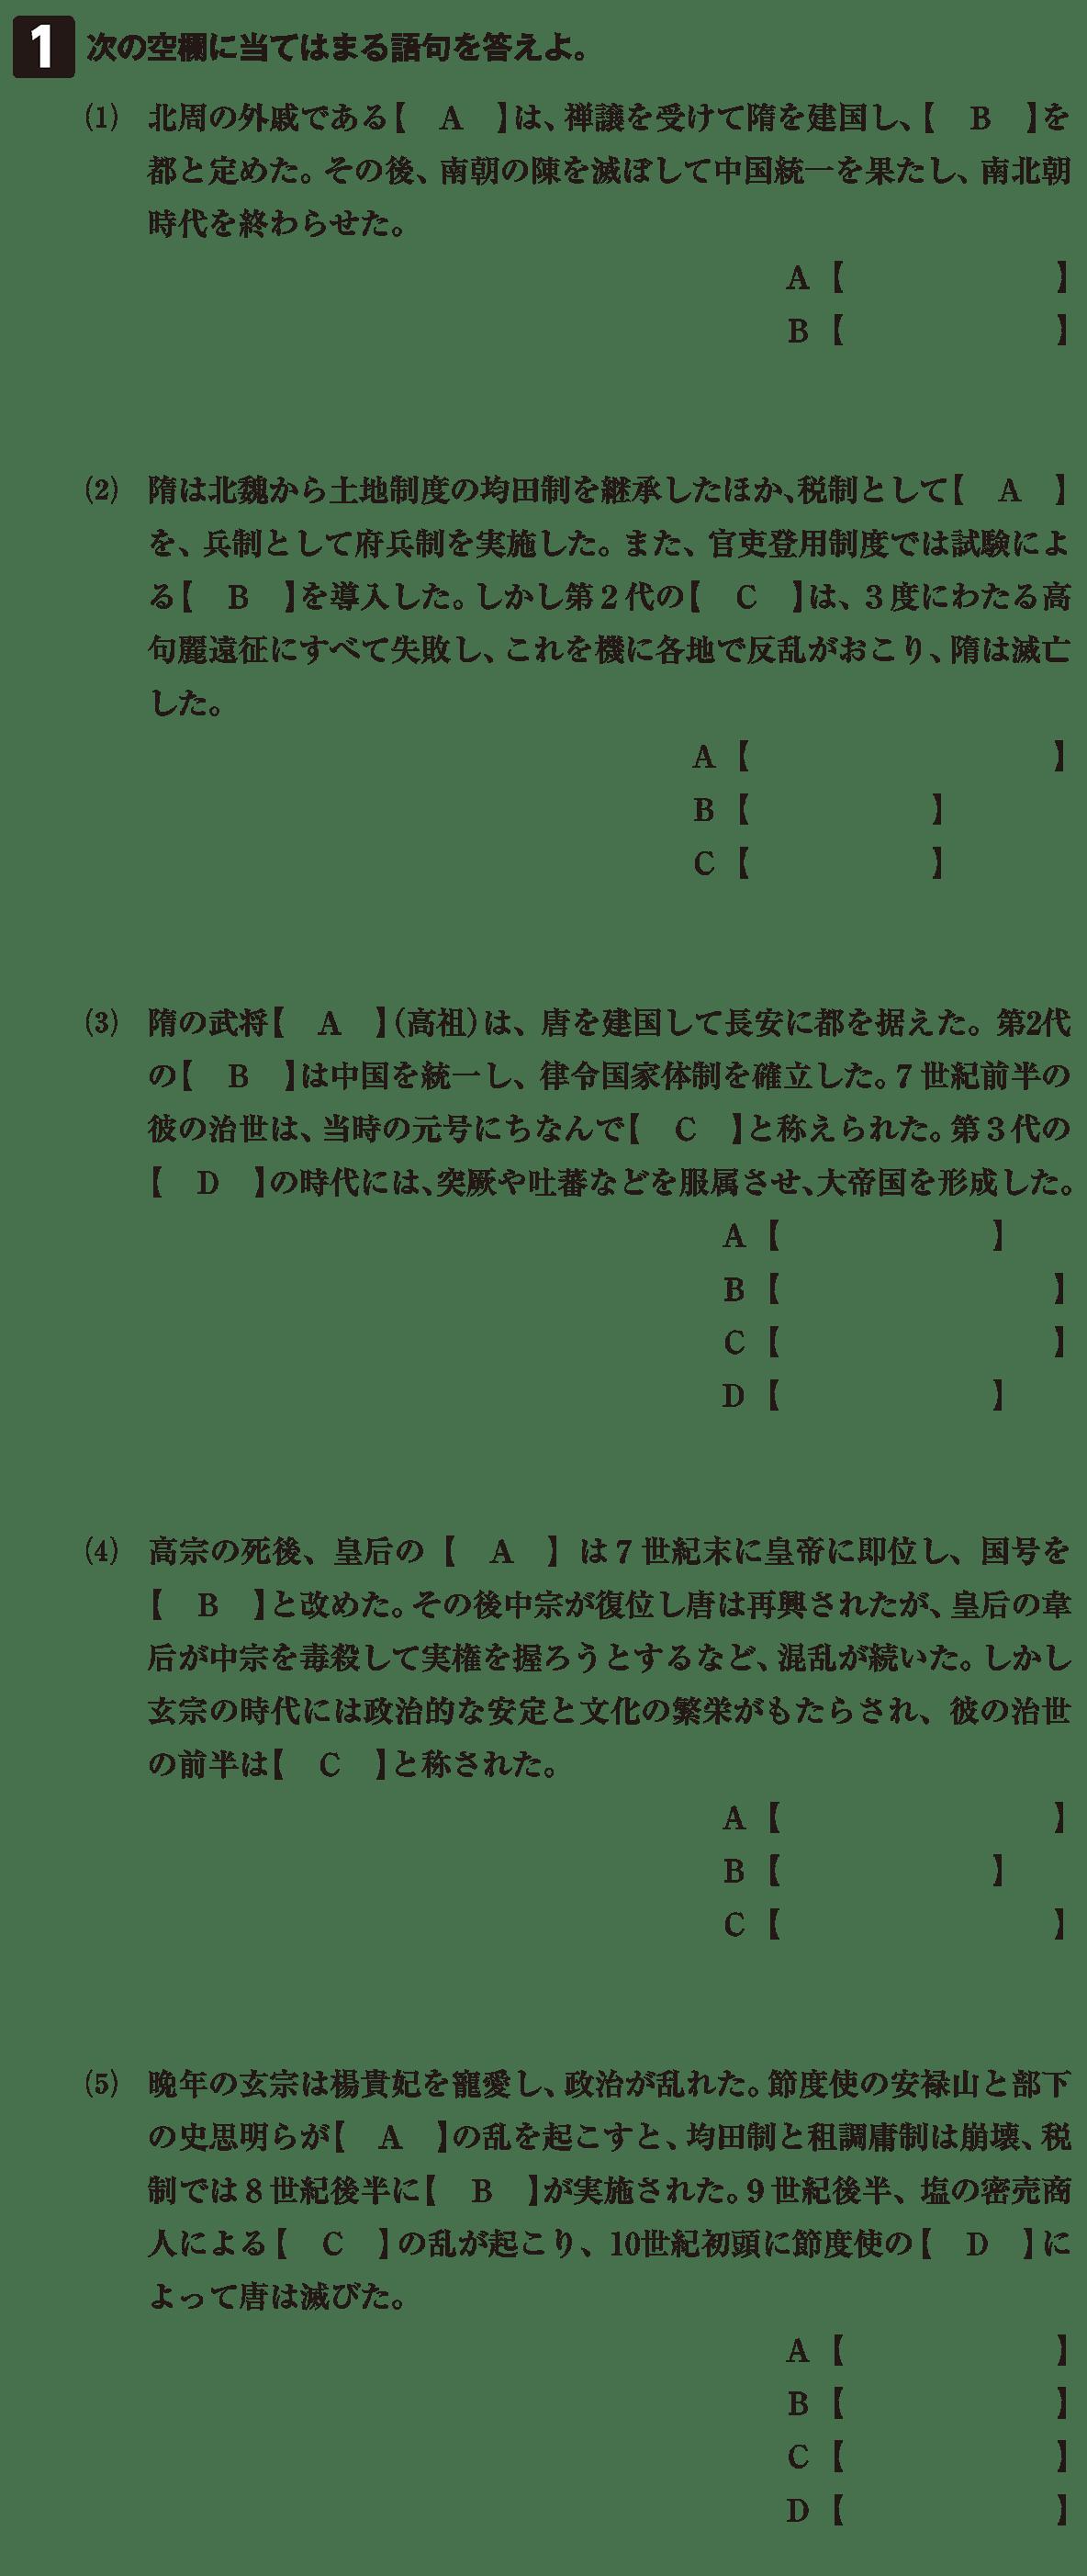 高校世界史 東アジア文明圏の形成6 確認テスト(前半)1